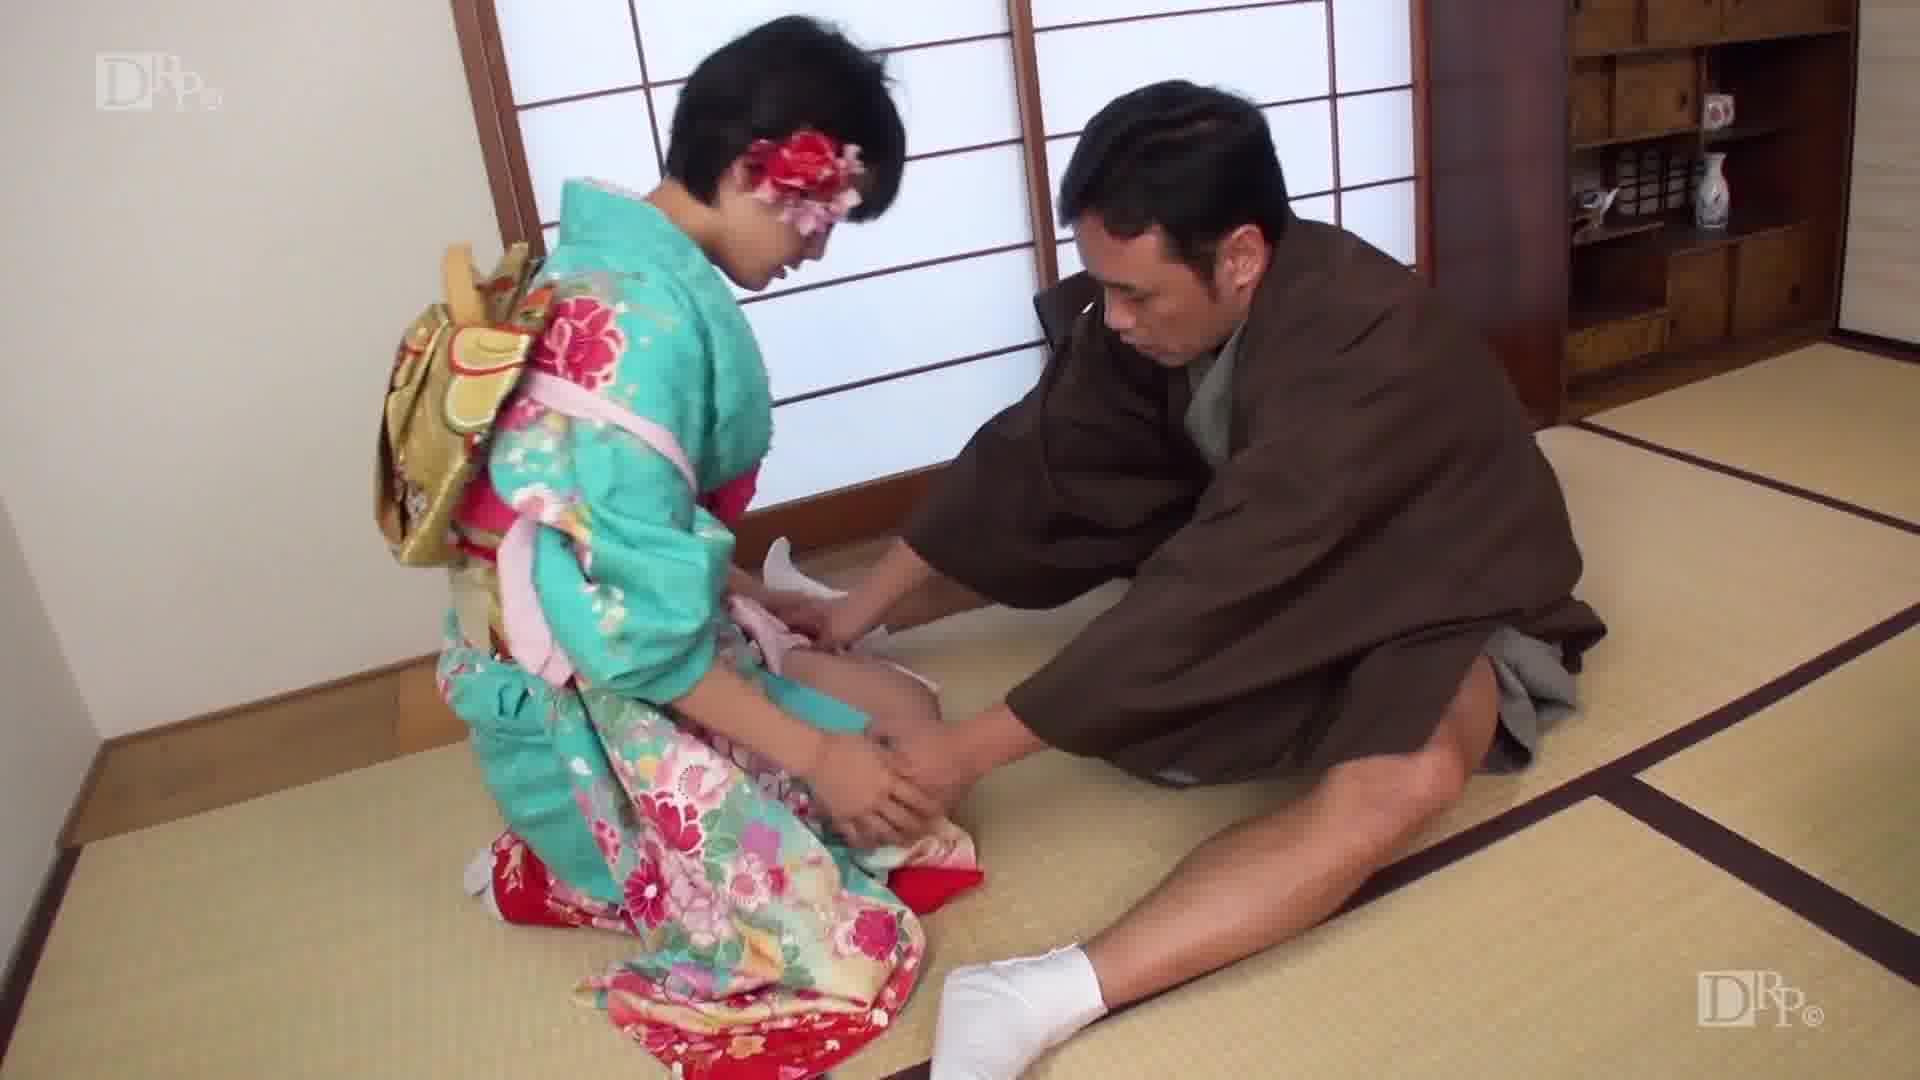 早抜き 羽田真里BEST - 羽田真里【ベスト・スレンダー・中出し】